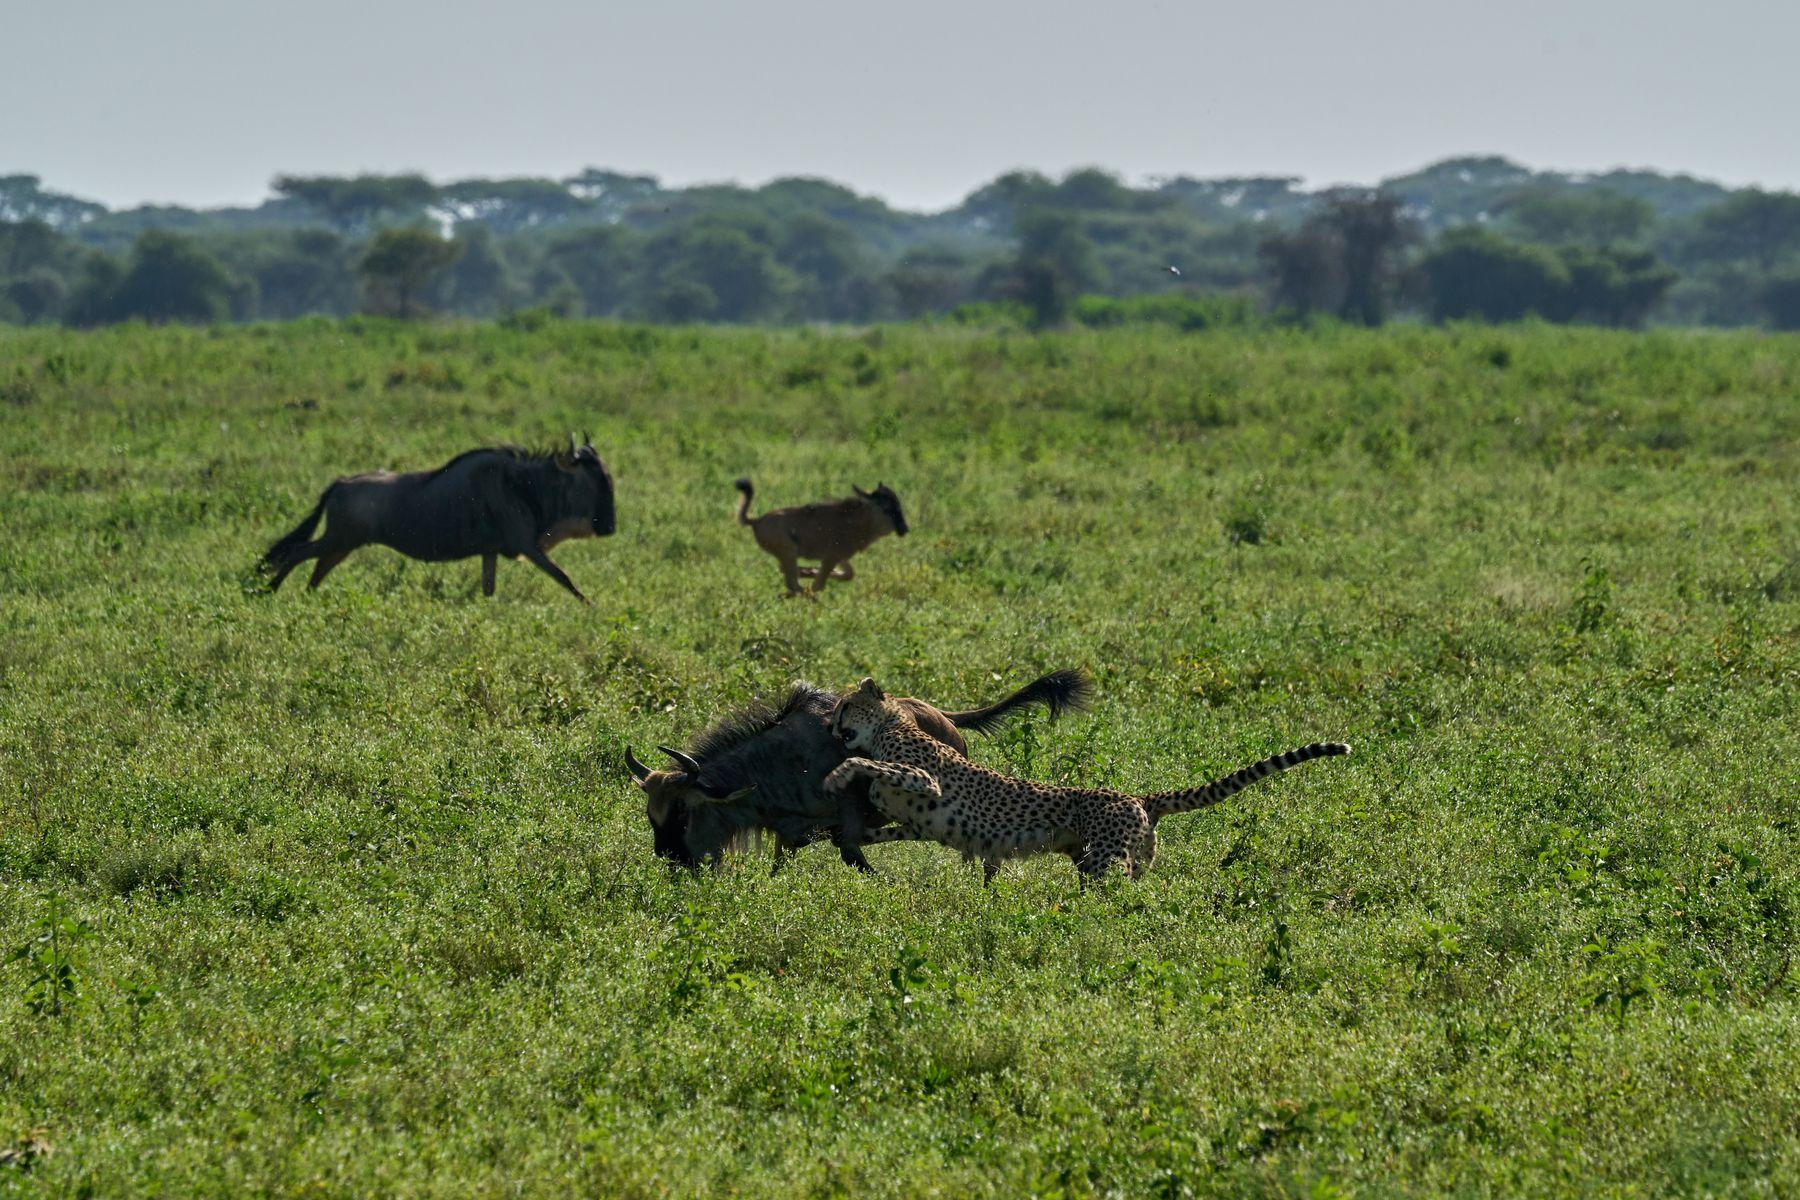 Гепард охотится Танзания Нгоронгоро Африка природа животные кошки гепарды охота гну антилопа